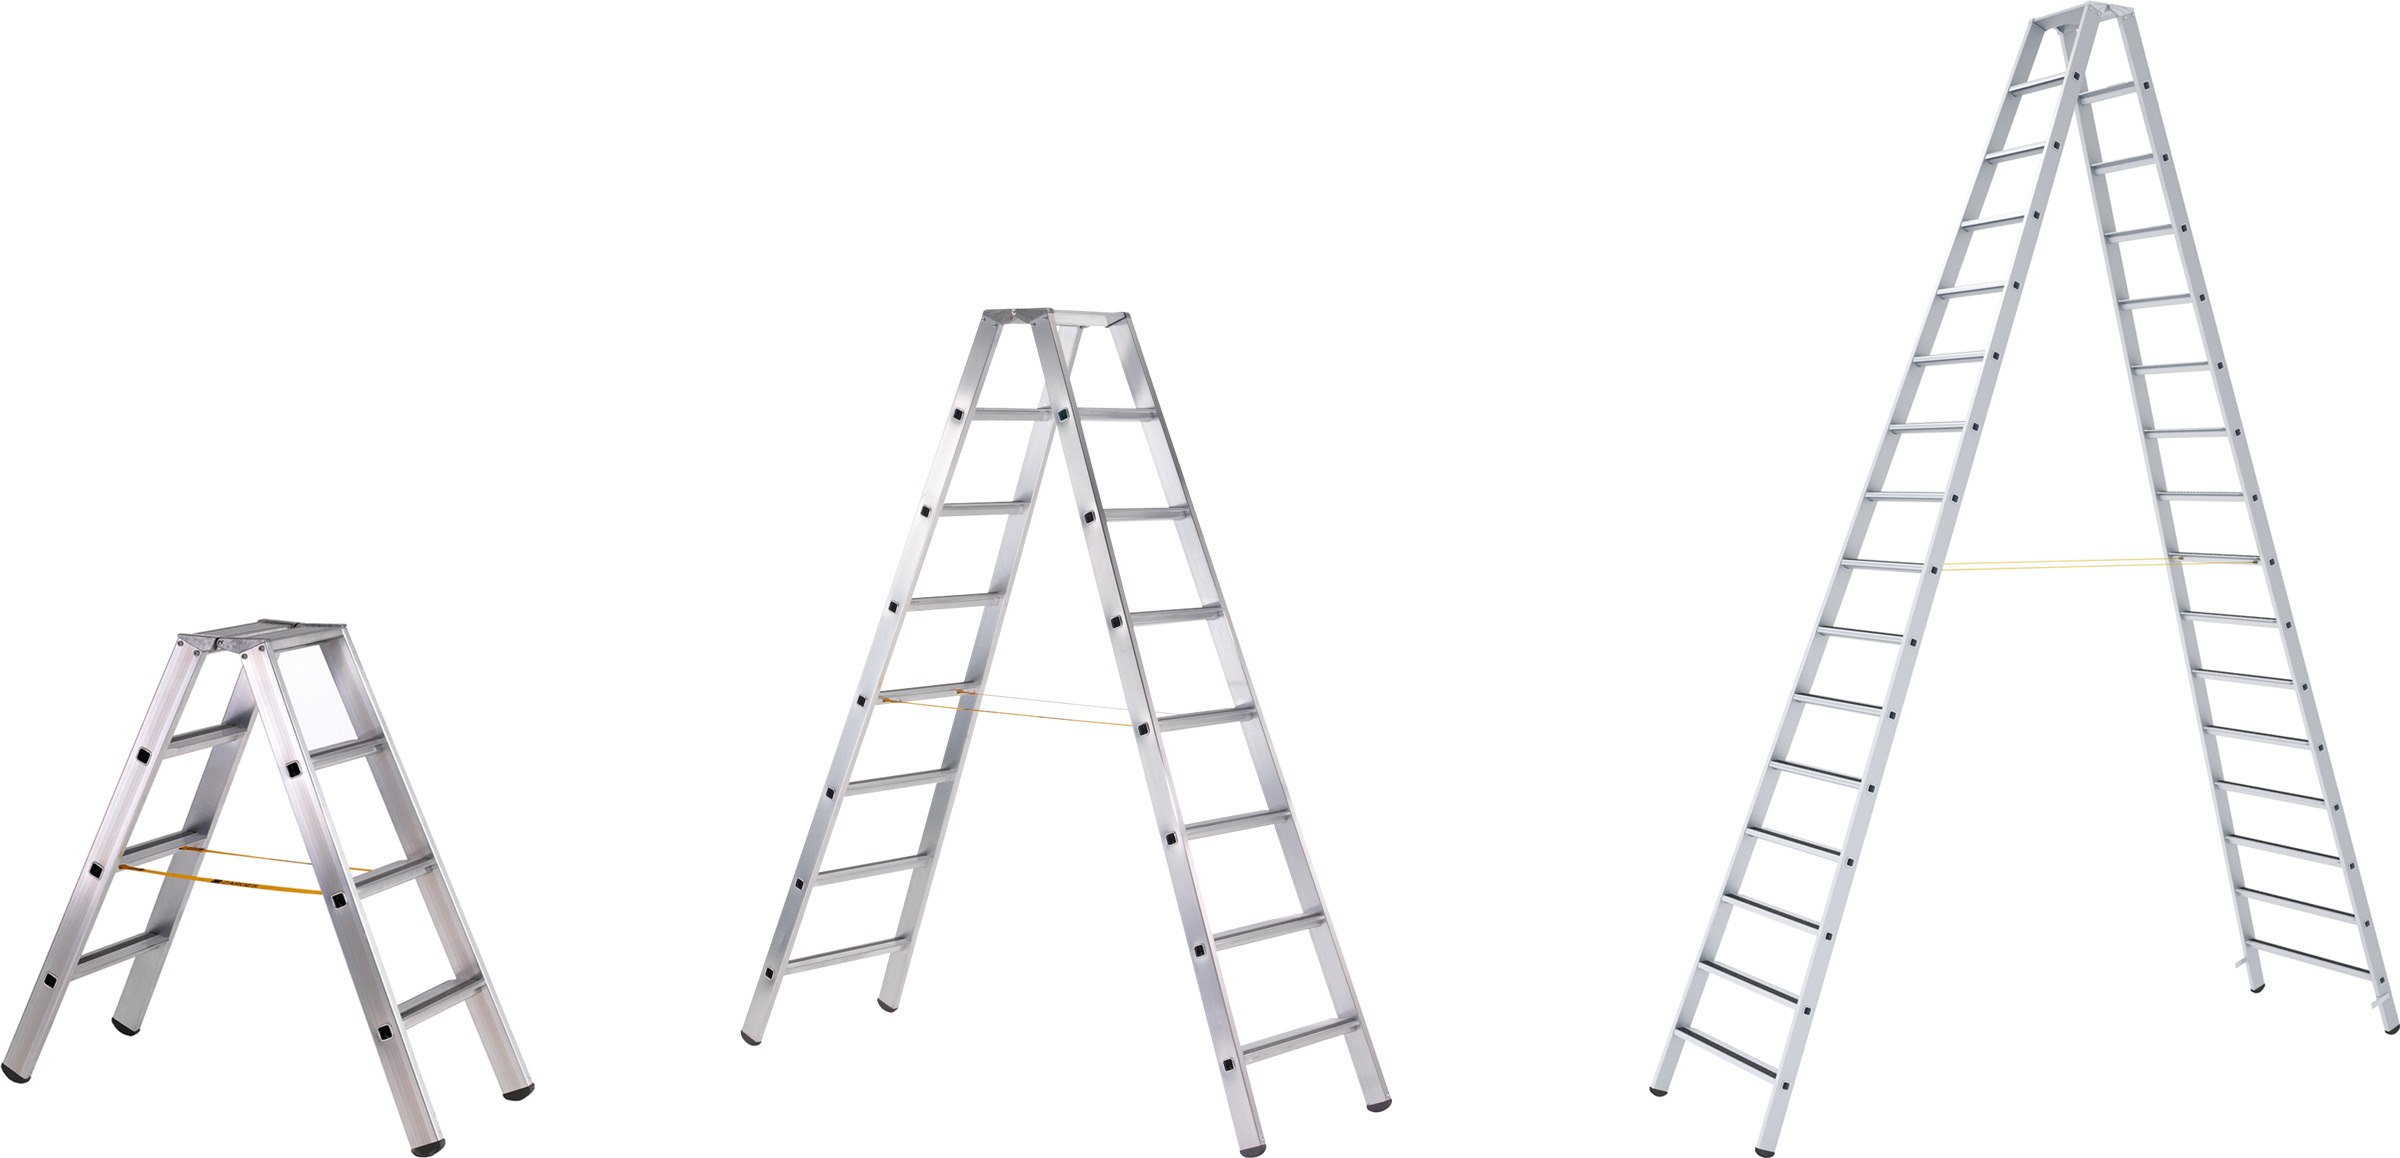 ZARGES Stufen Stehleiter R13step B - Stufen